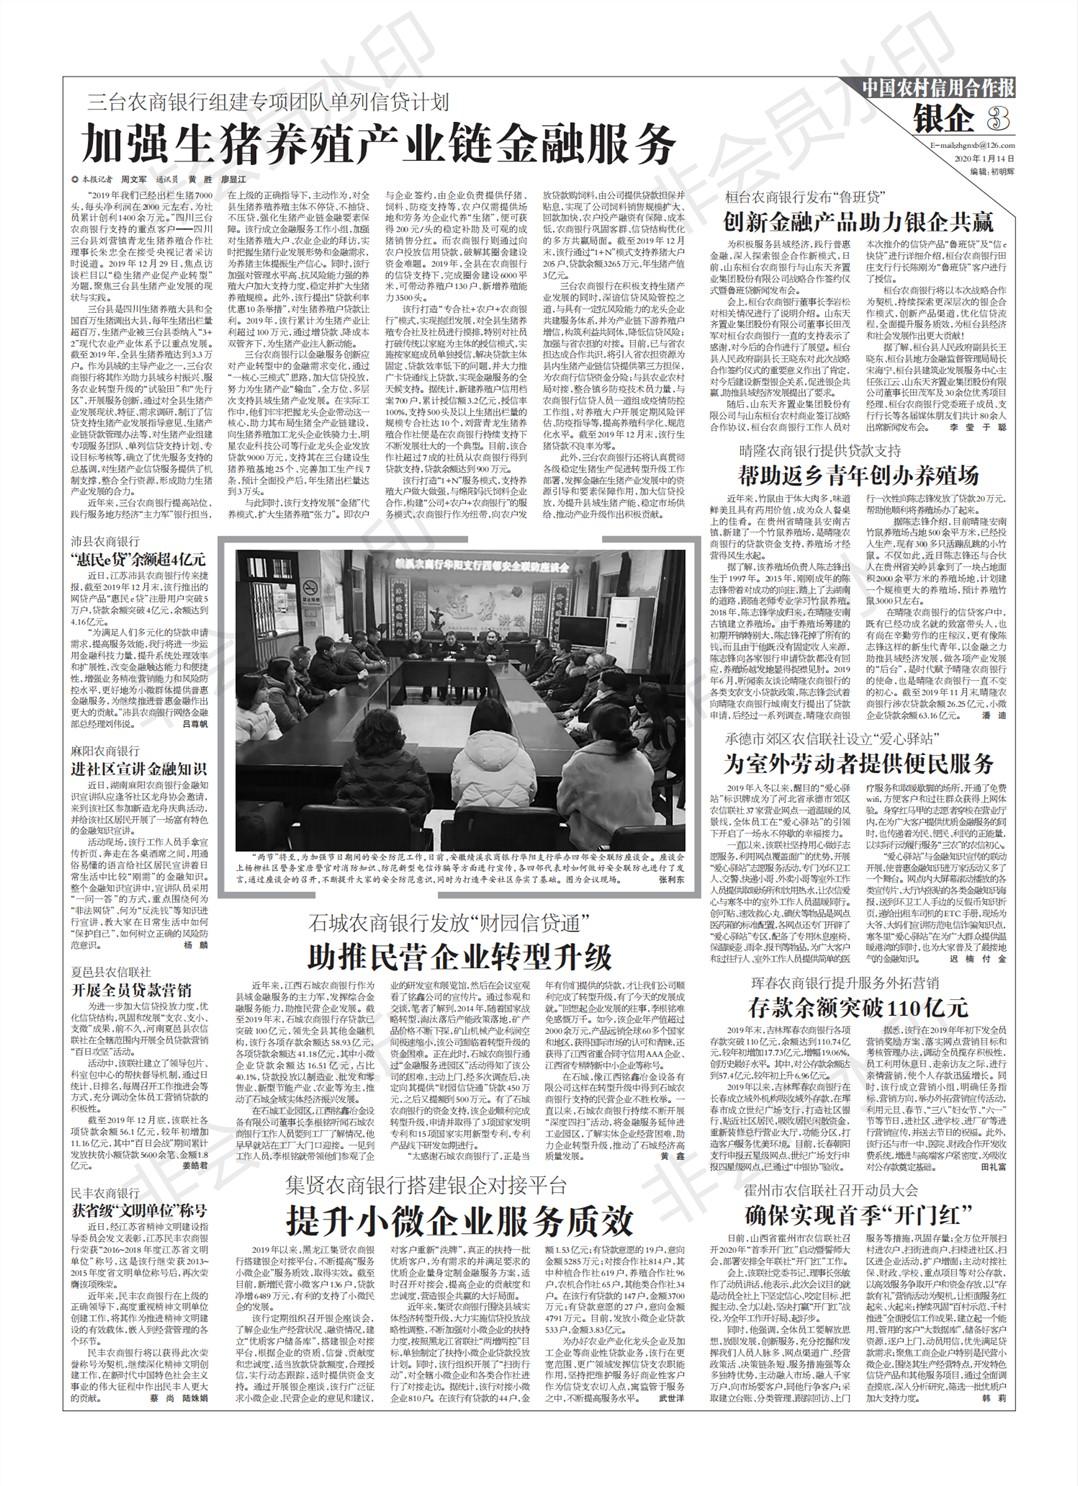 中国农村信用合作报银企